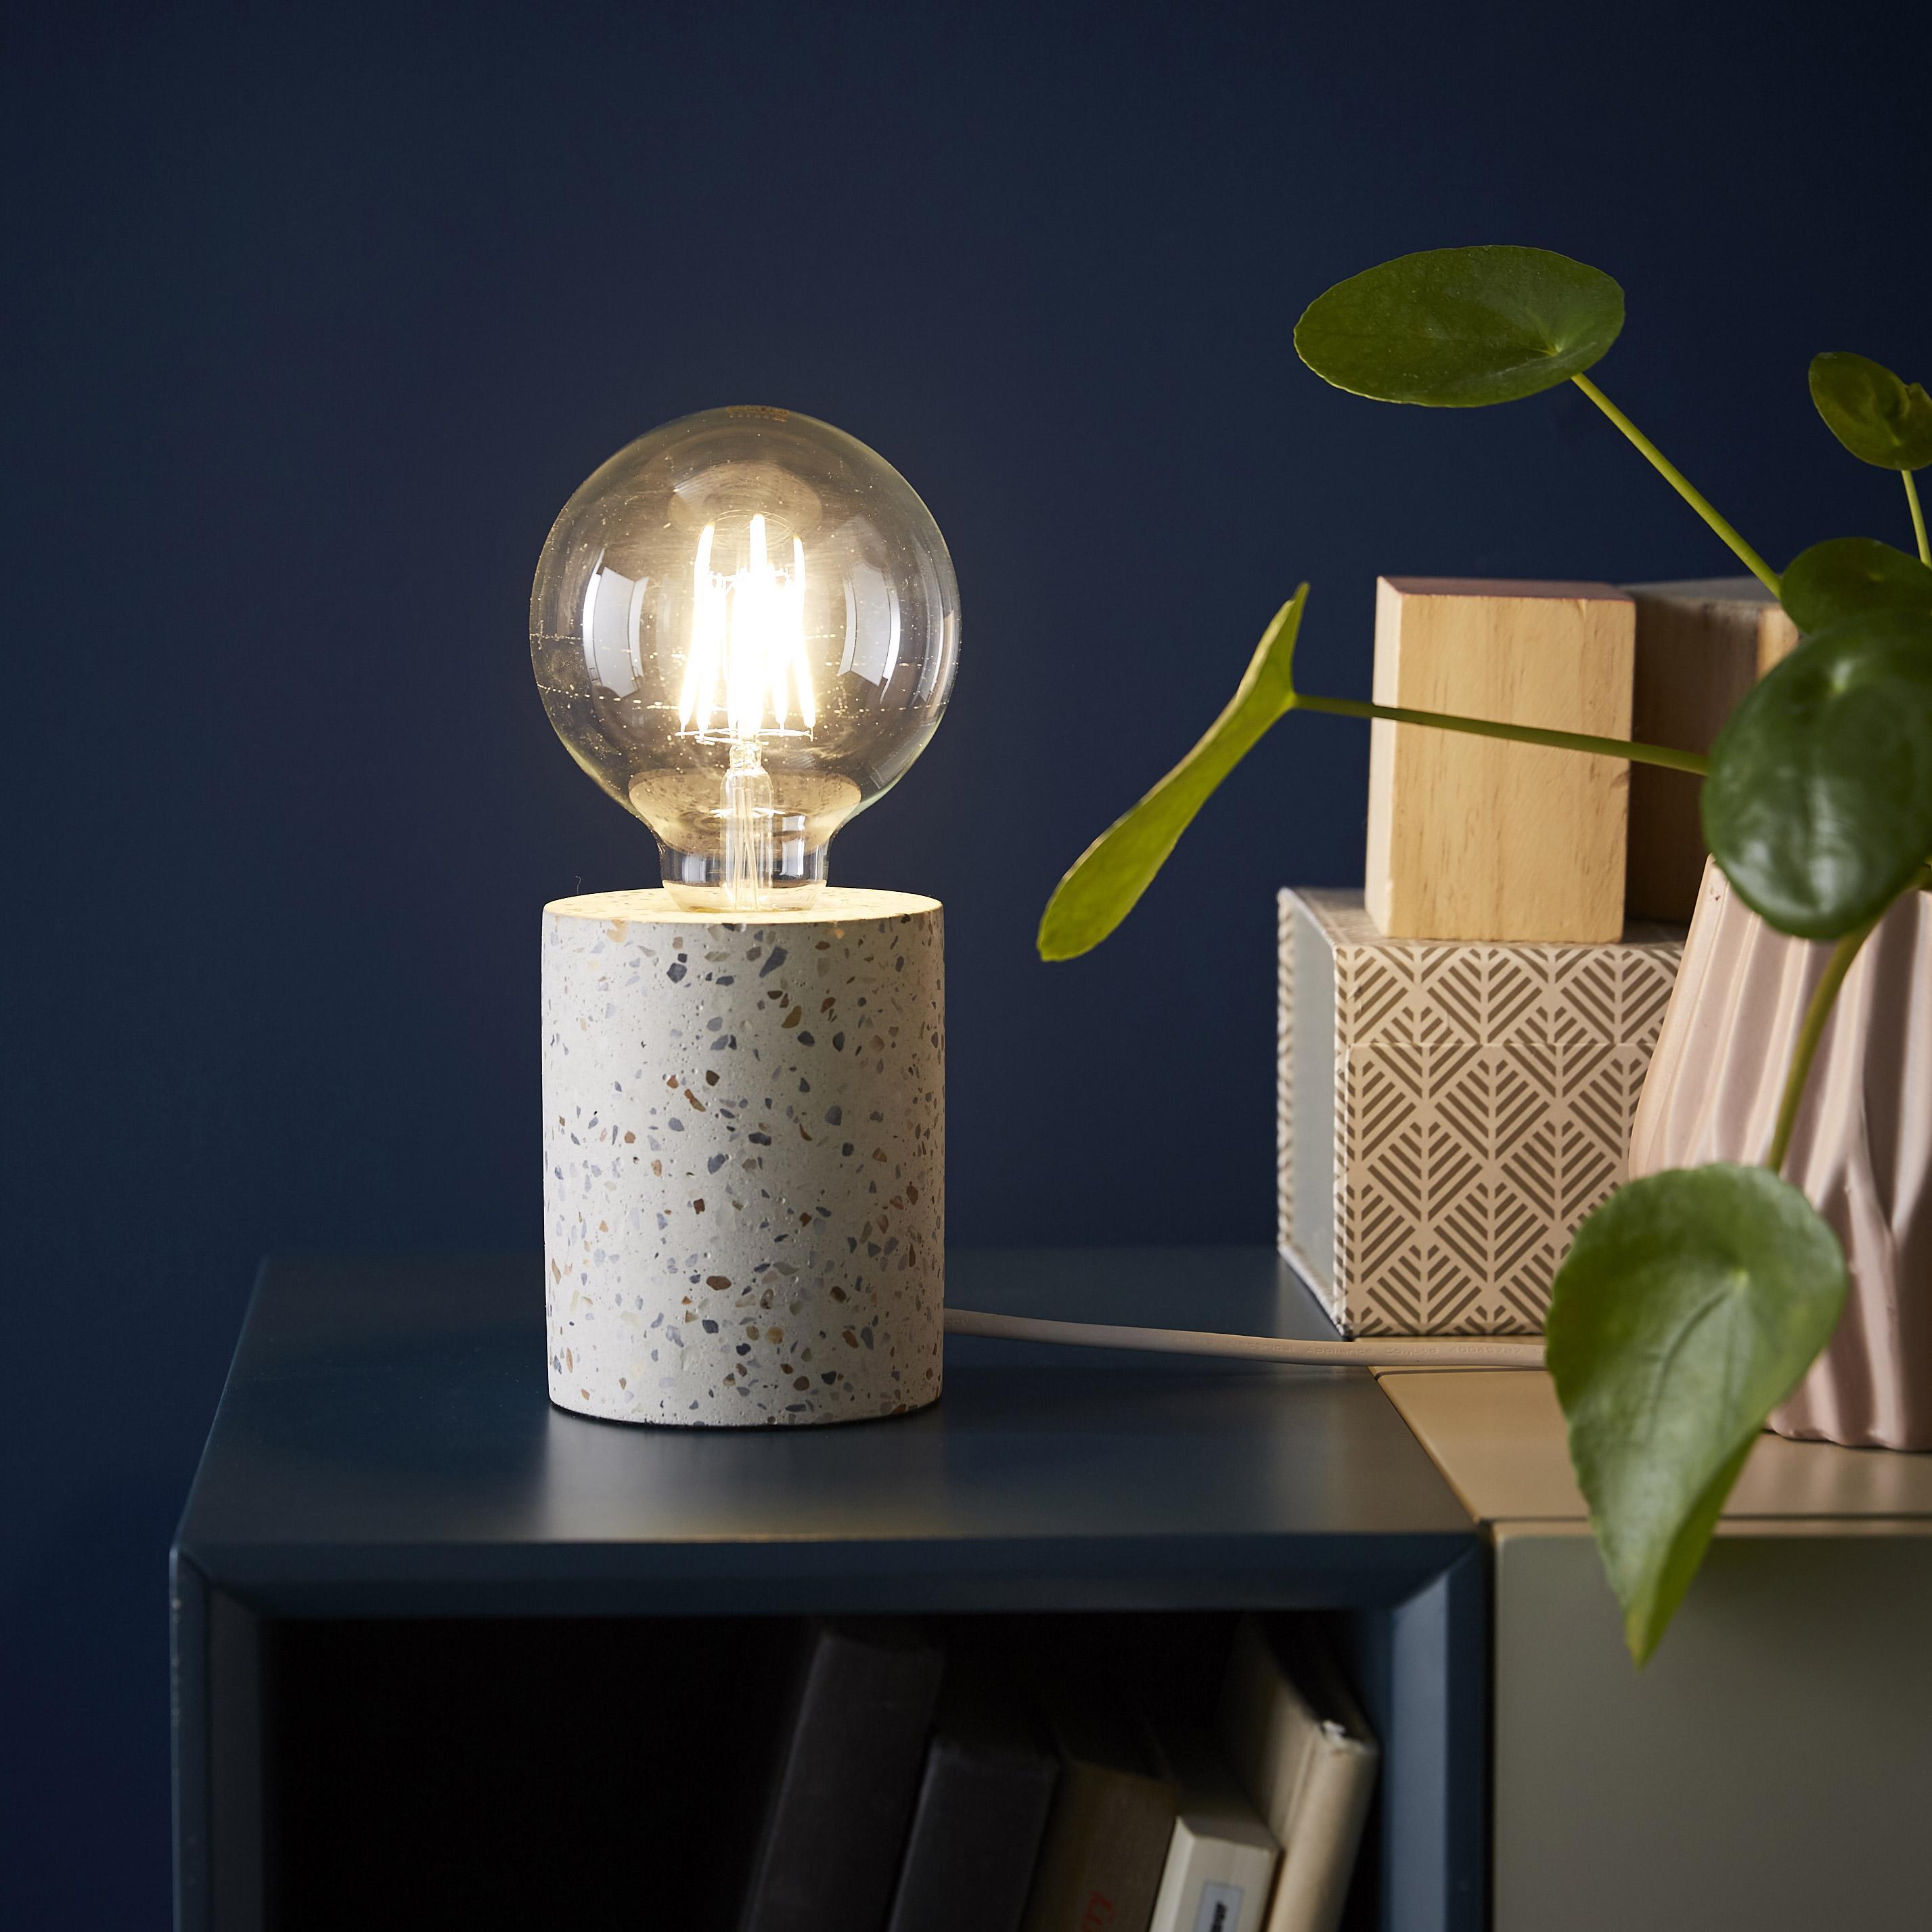 Lampe Terrazzo, e27 COREP, 40 W D9cm